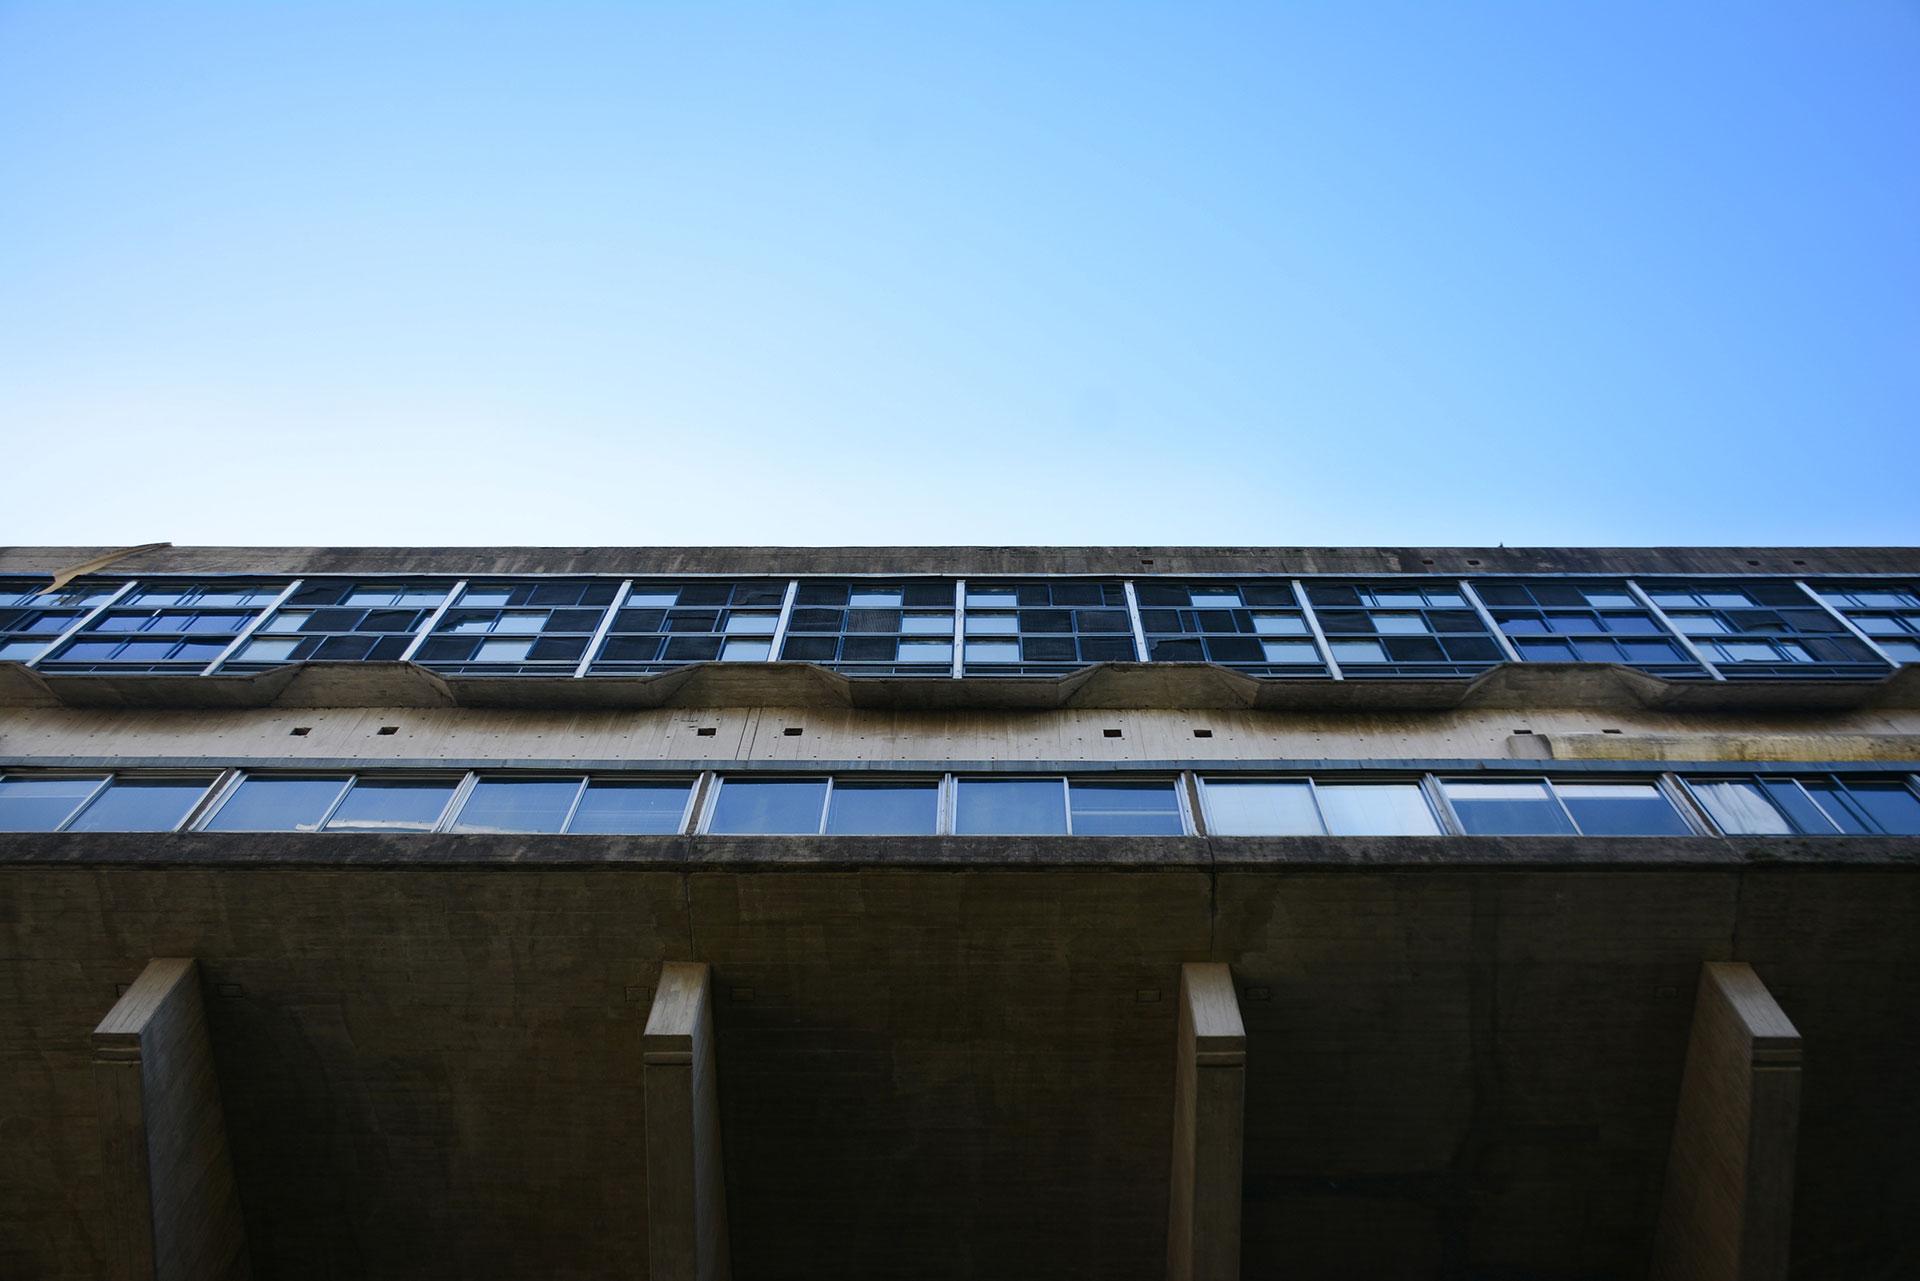 Sobre el terreno que perteneciera a la quinta Unzué -ex residencia presidencial-, irrumpe con notable potencia expresiva la arquitectura 'brutalista' de esta pieza arquitectónica única, en el recinto verde conformado y contrastado por los densificados bordes edilicios urbanos